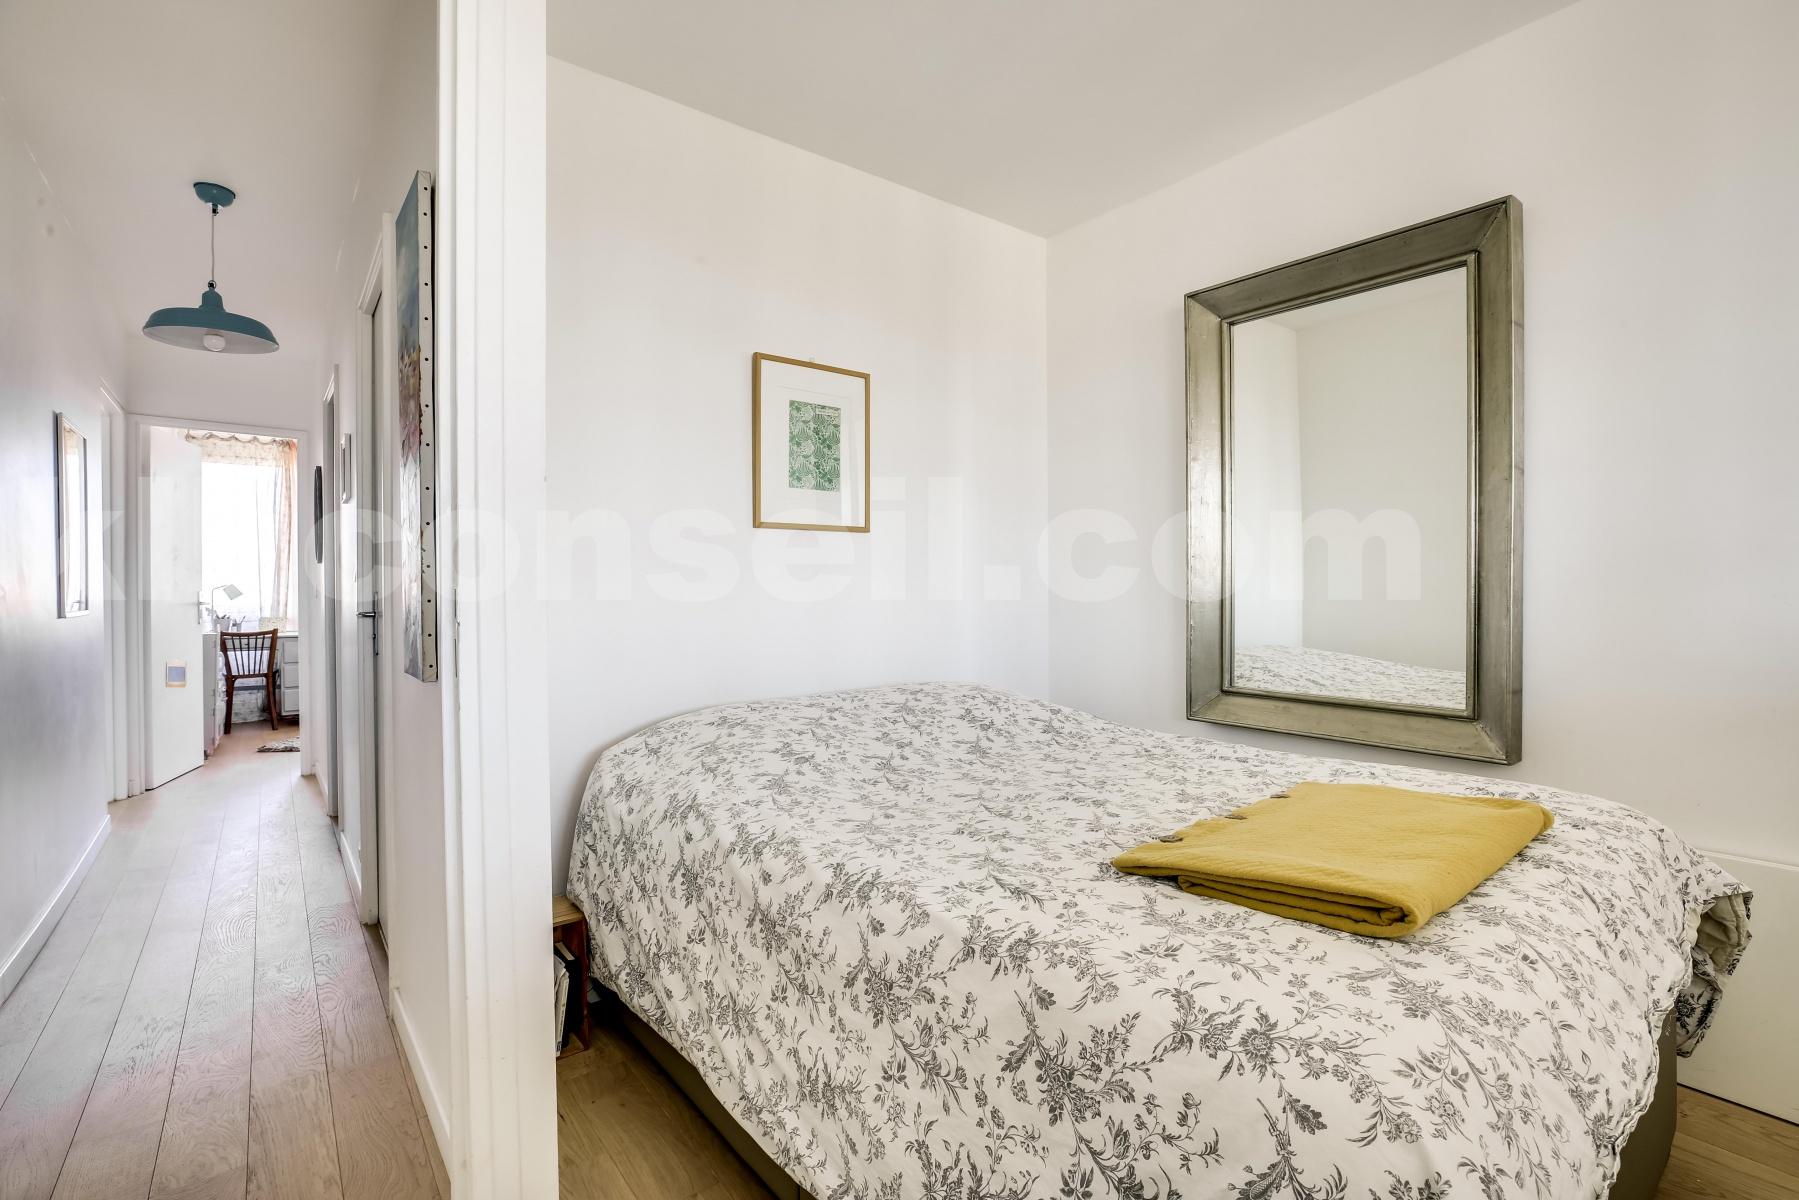 Vente Appartement de 4 pièces 77 m² - COLOMBES 92700 | KLH Conseil - AR photo8